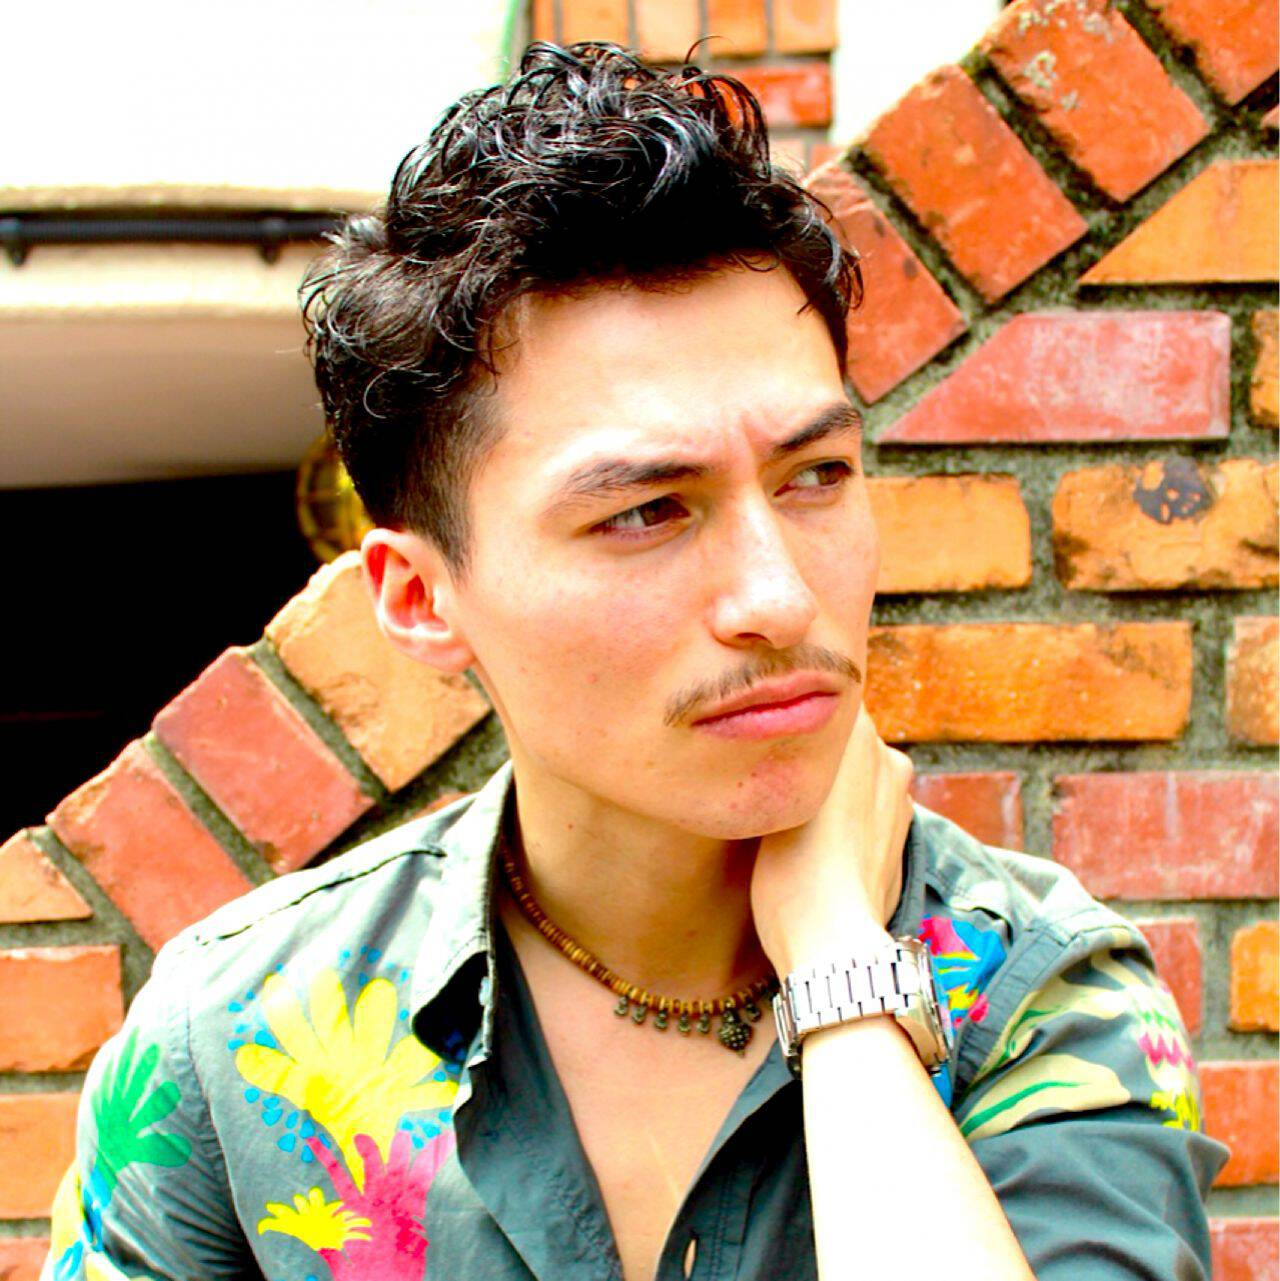 モテ髪 ボーイッシュ パーマ ショートヘアスタイルや髪型の写真・画像